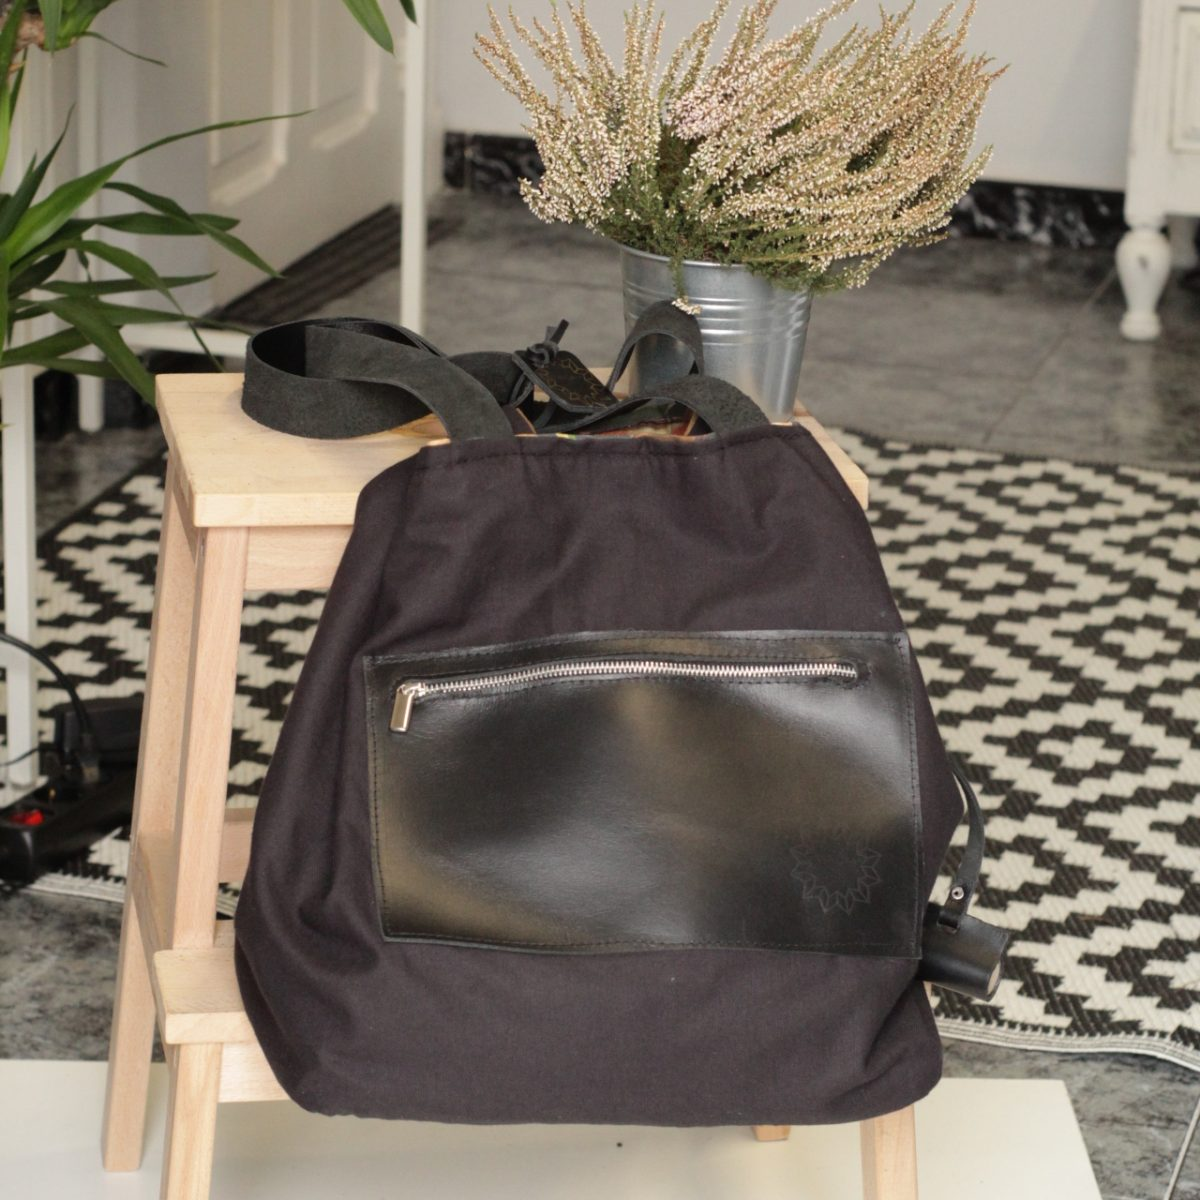 Bolso de algodon organico certificado sostenible y reversible dos bolsos en uno